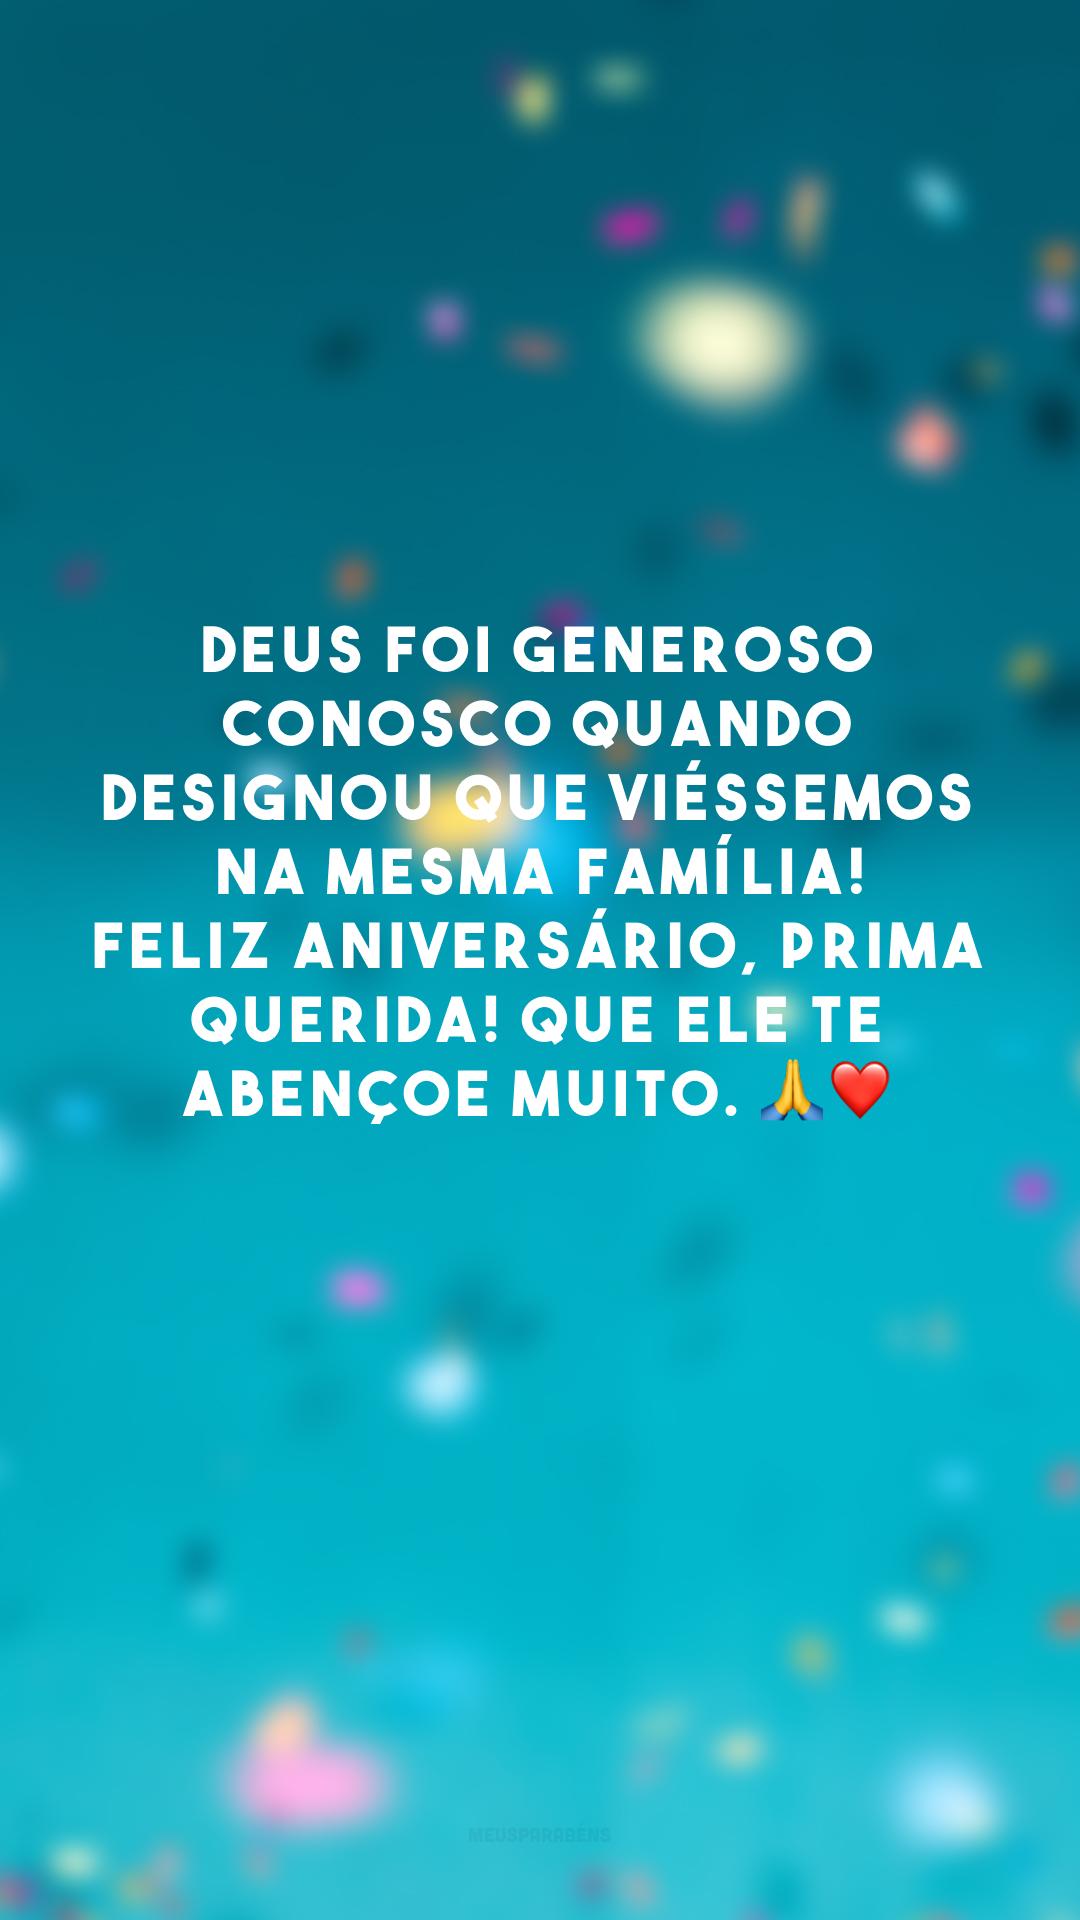 Deus foi generoso conosco quando designou que viéssemos na mesma família! Feliz aniversário, prima querida! Que Ele te abençoe muito. 🙏❤️